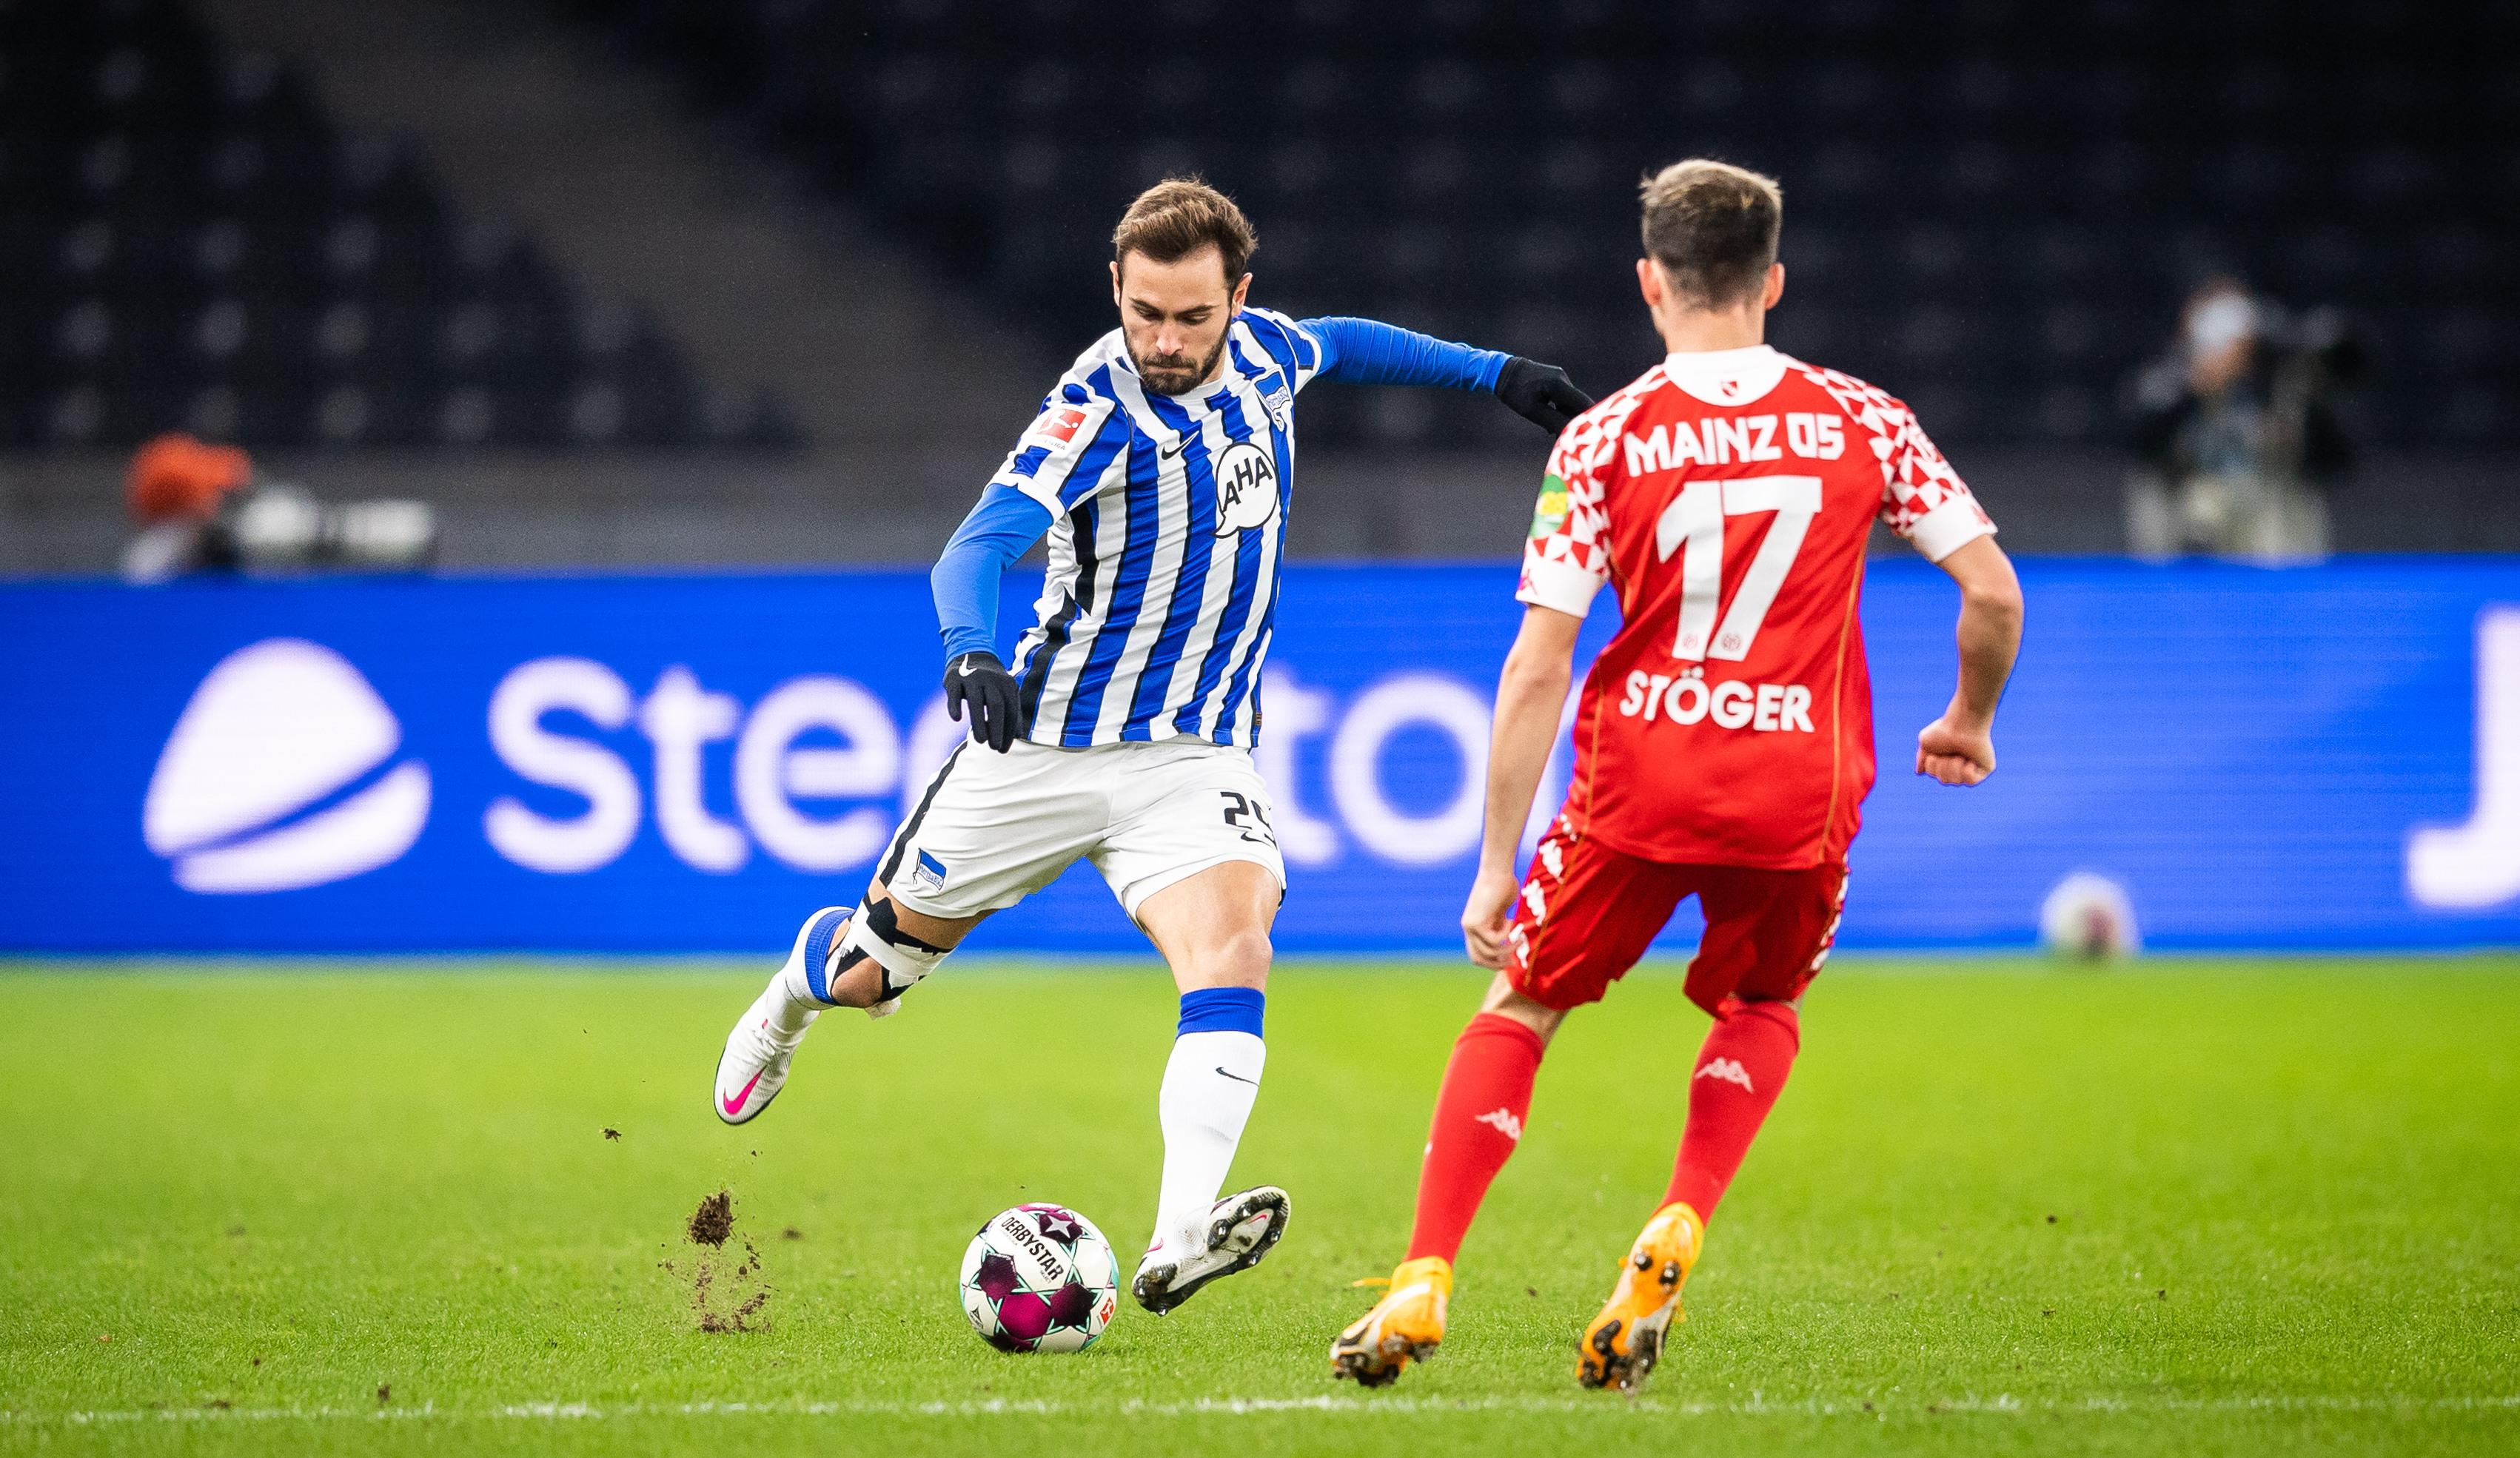 Lucas Tousart en el partido contra el Mainz.